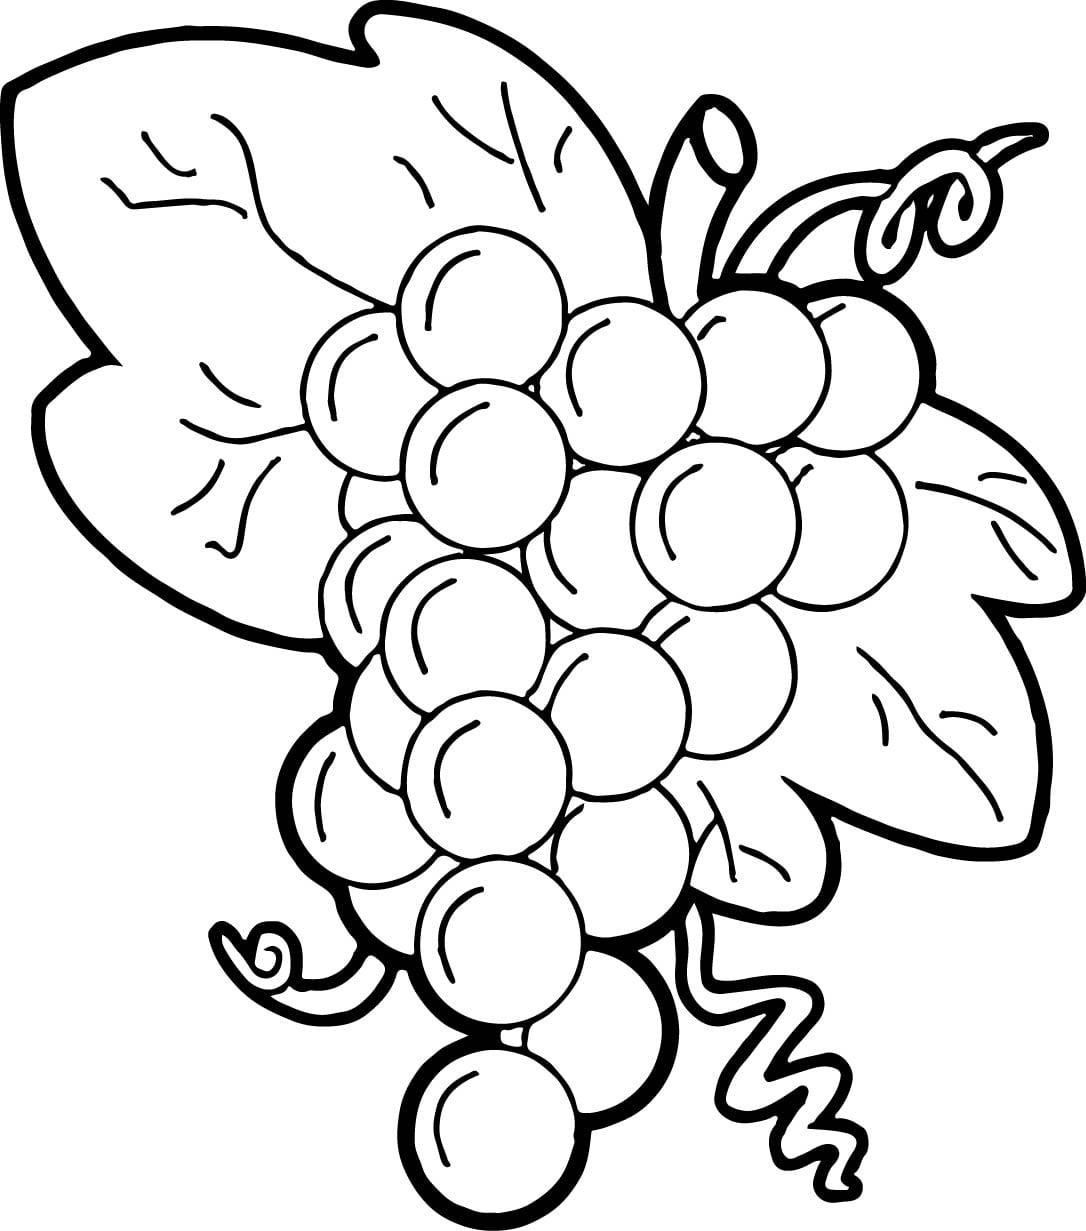 Imagens De Uva Para Colorir Sketch Coloring Page